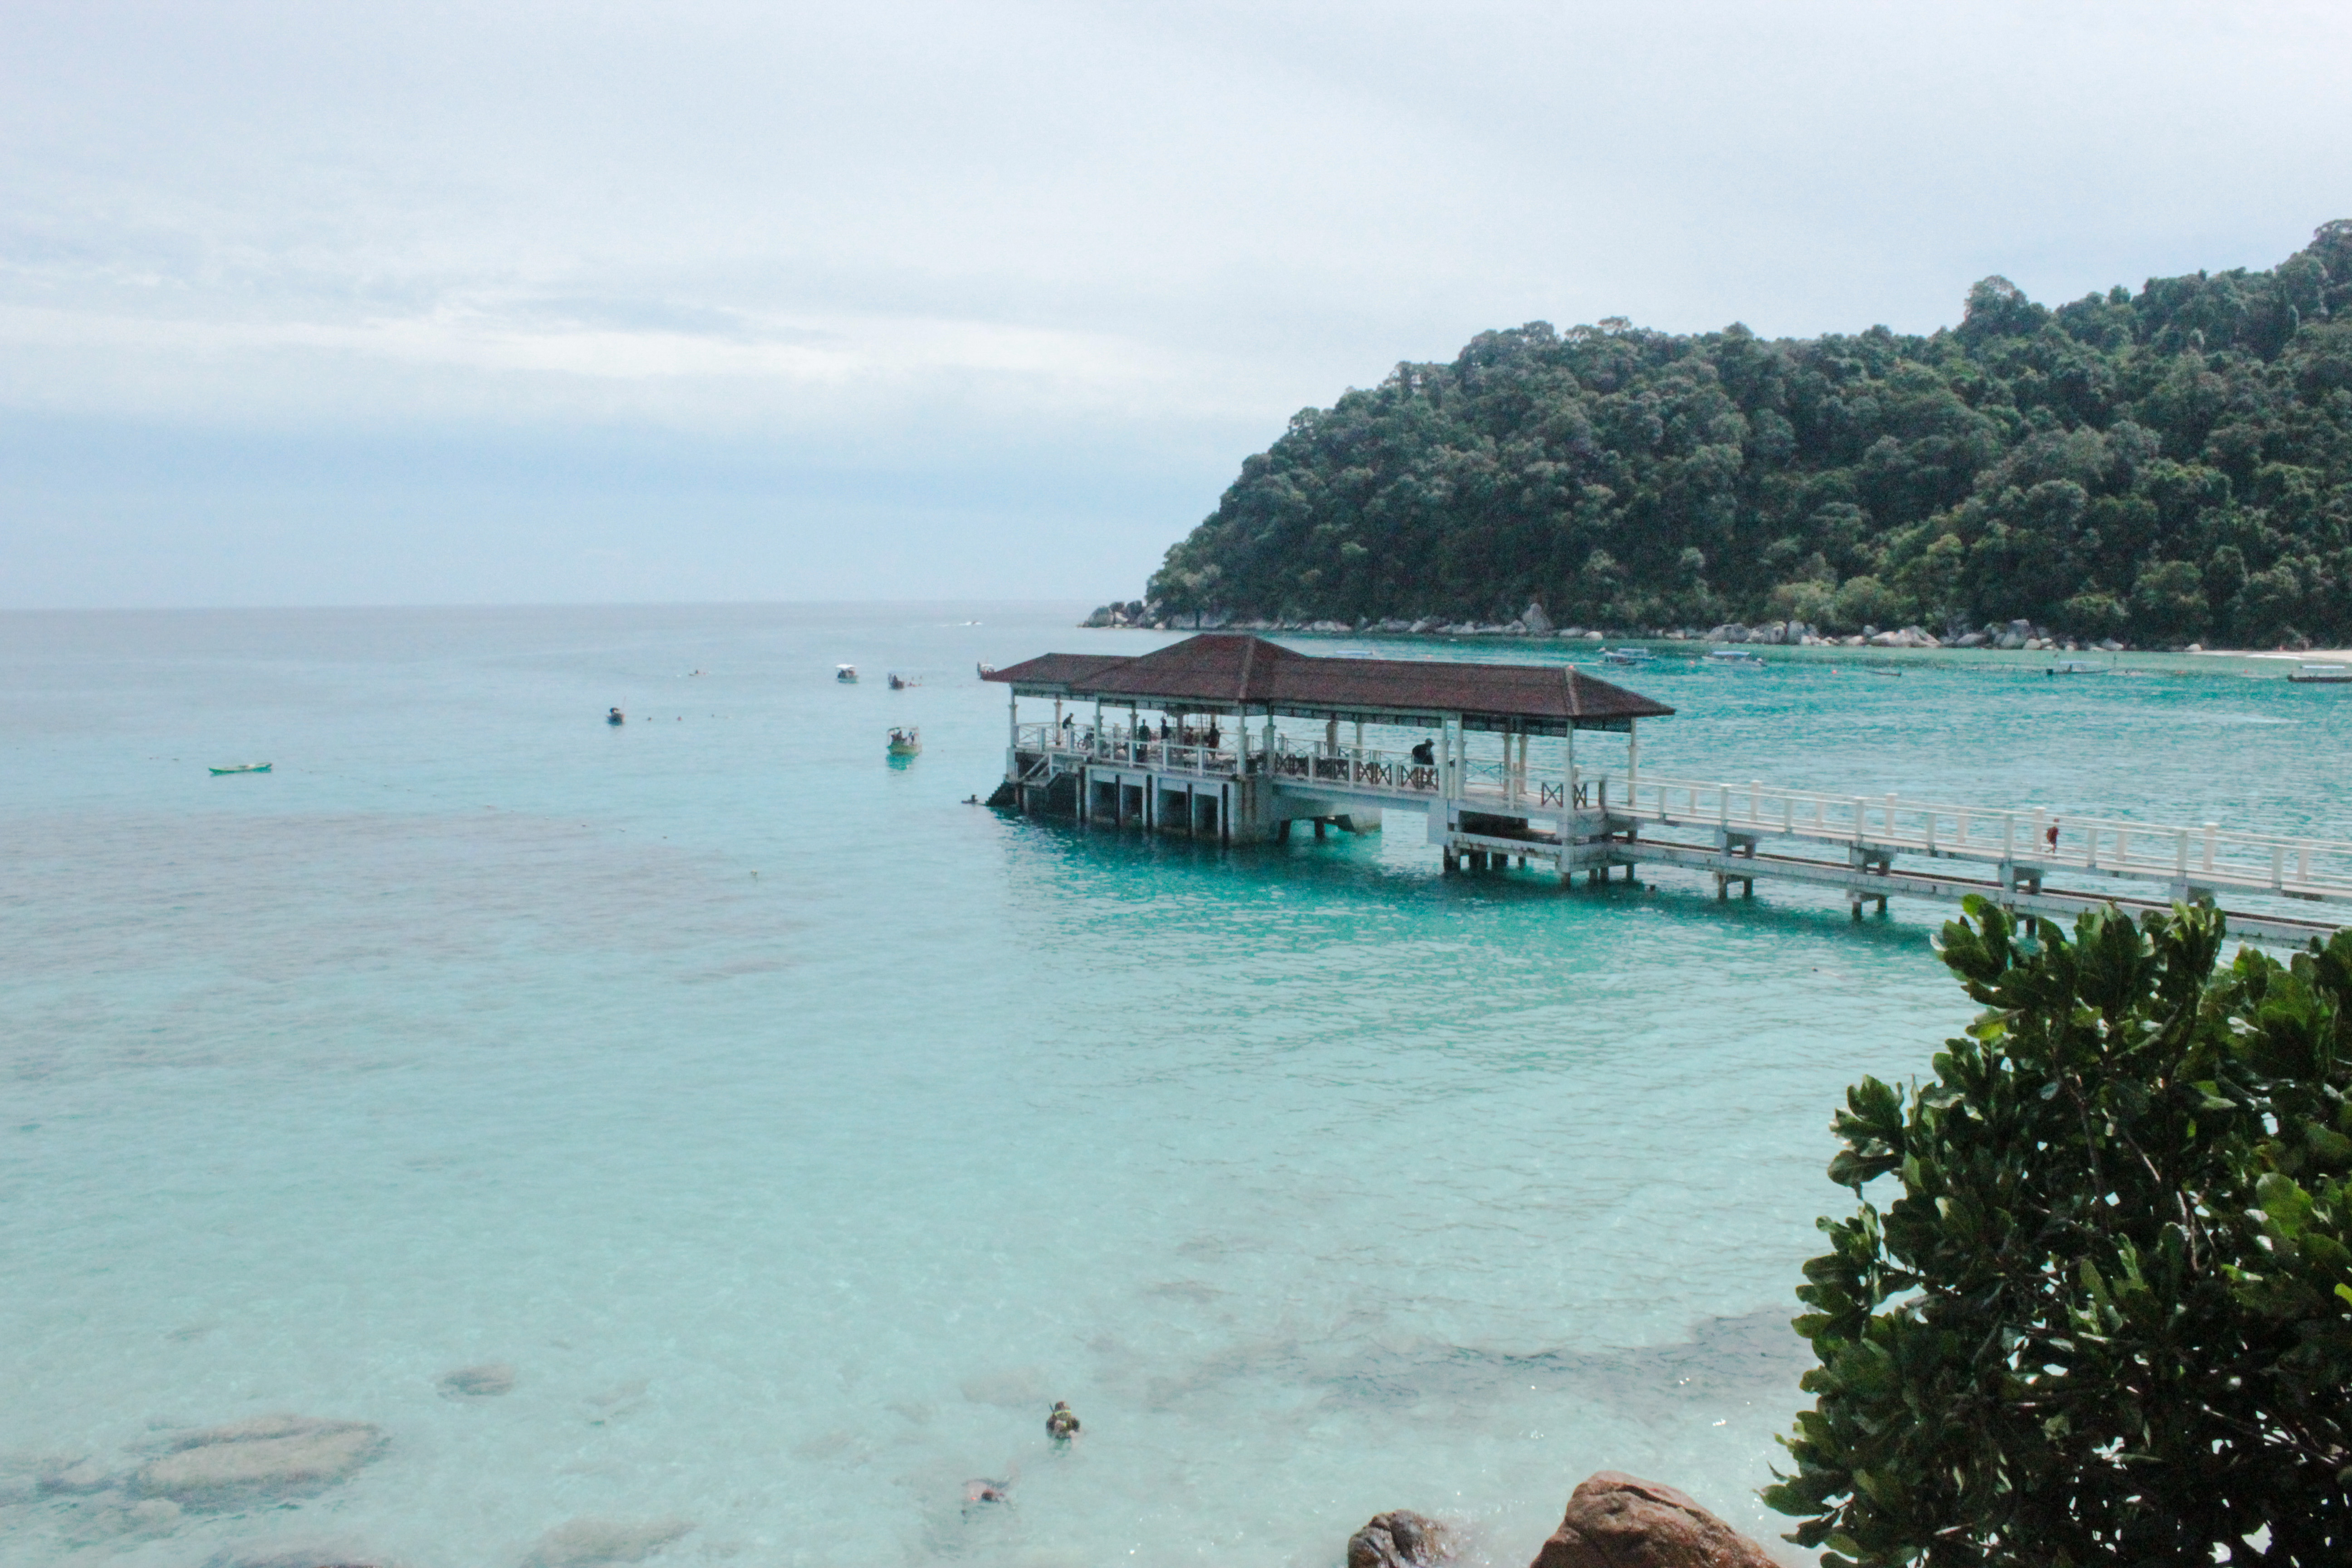 Image du ponton de Pulau Besar sur les iles Perhentian